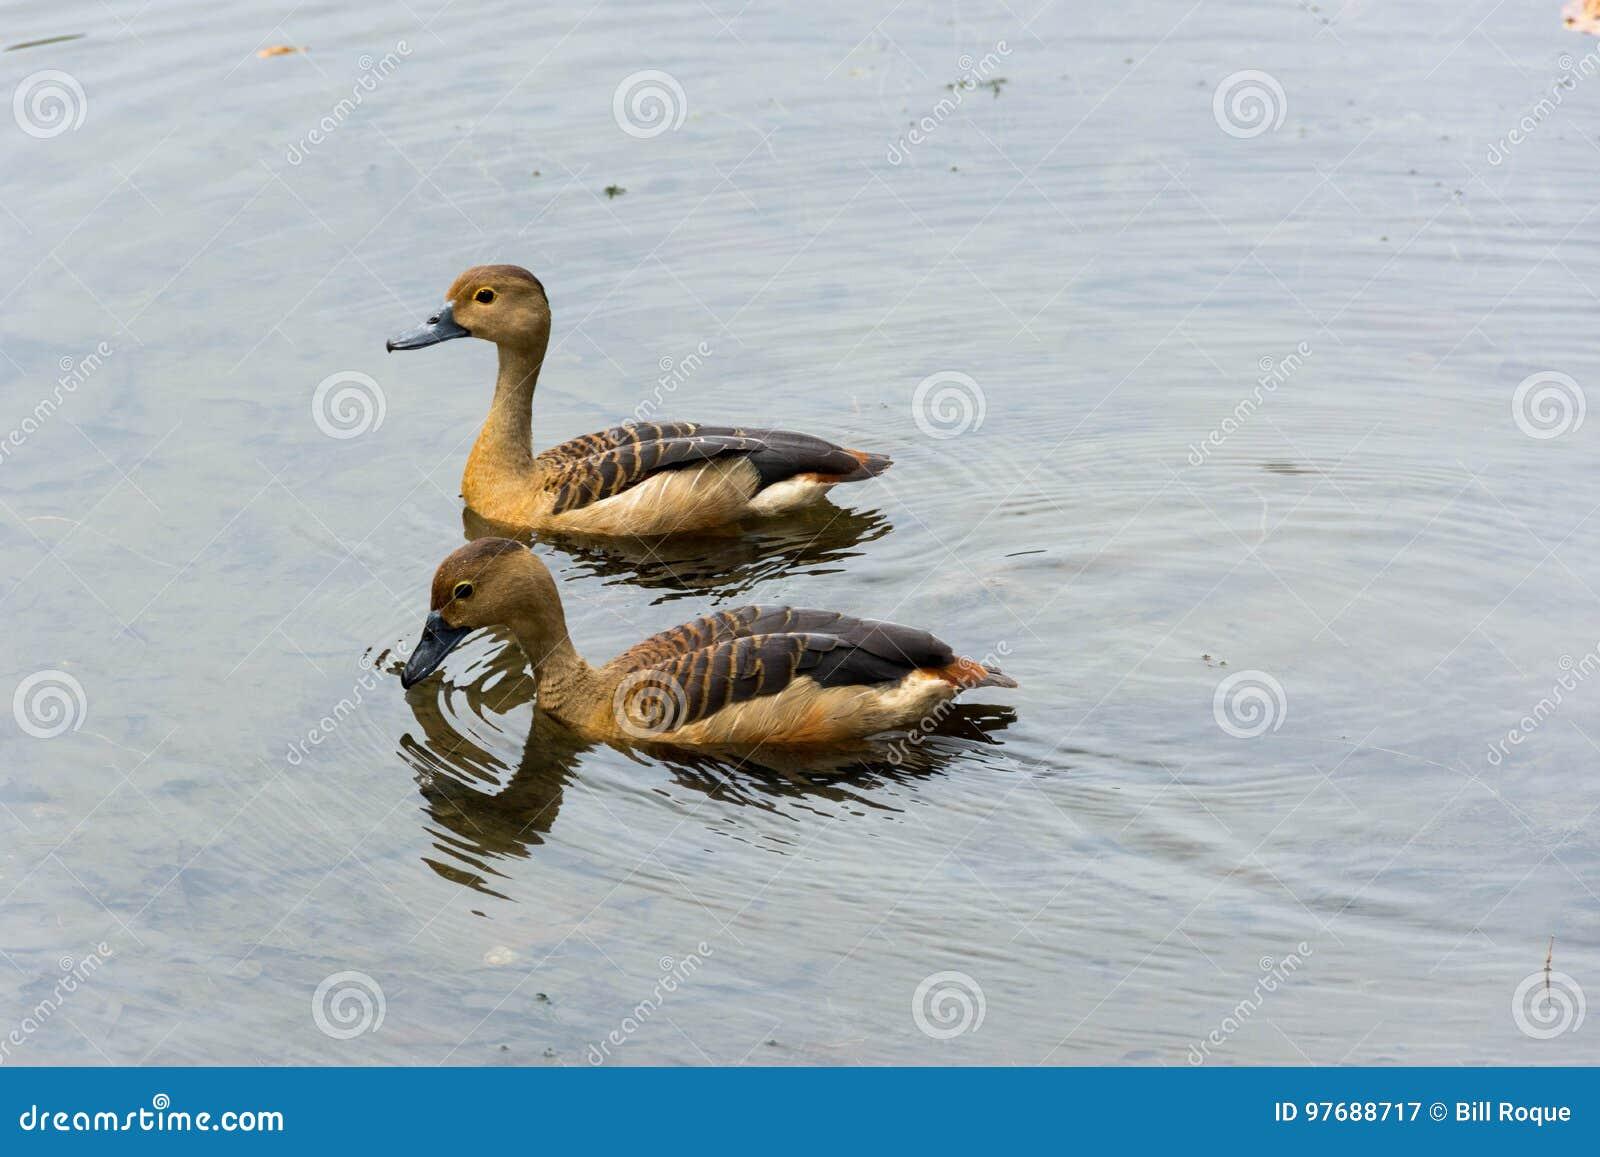 Enten, die in einem See schwimmen